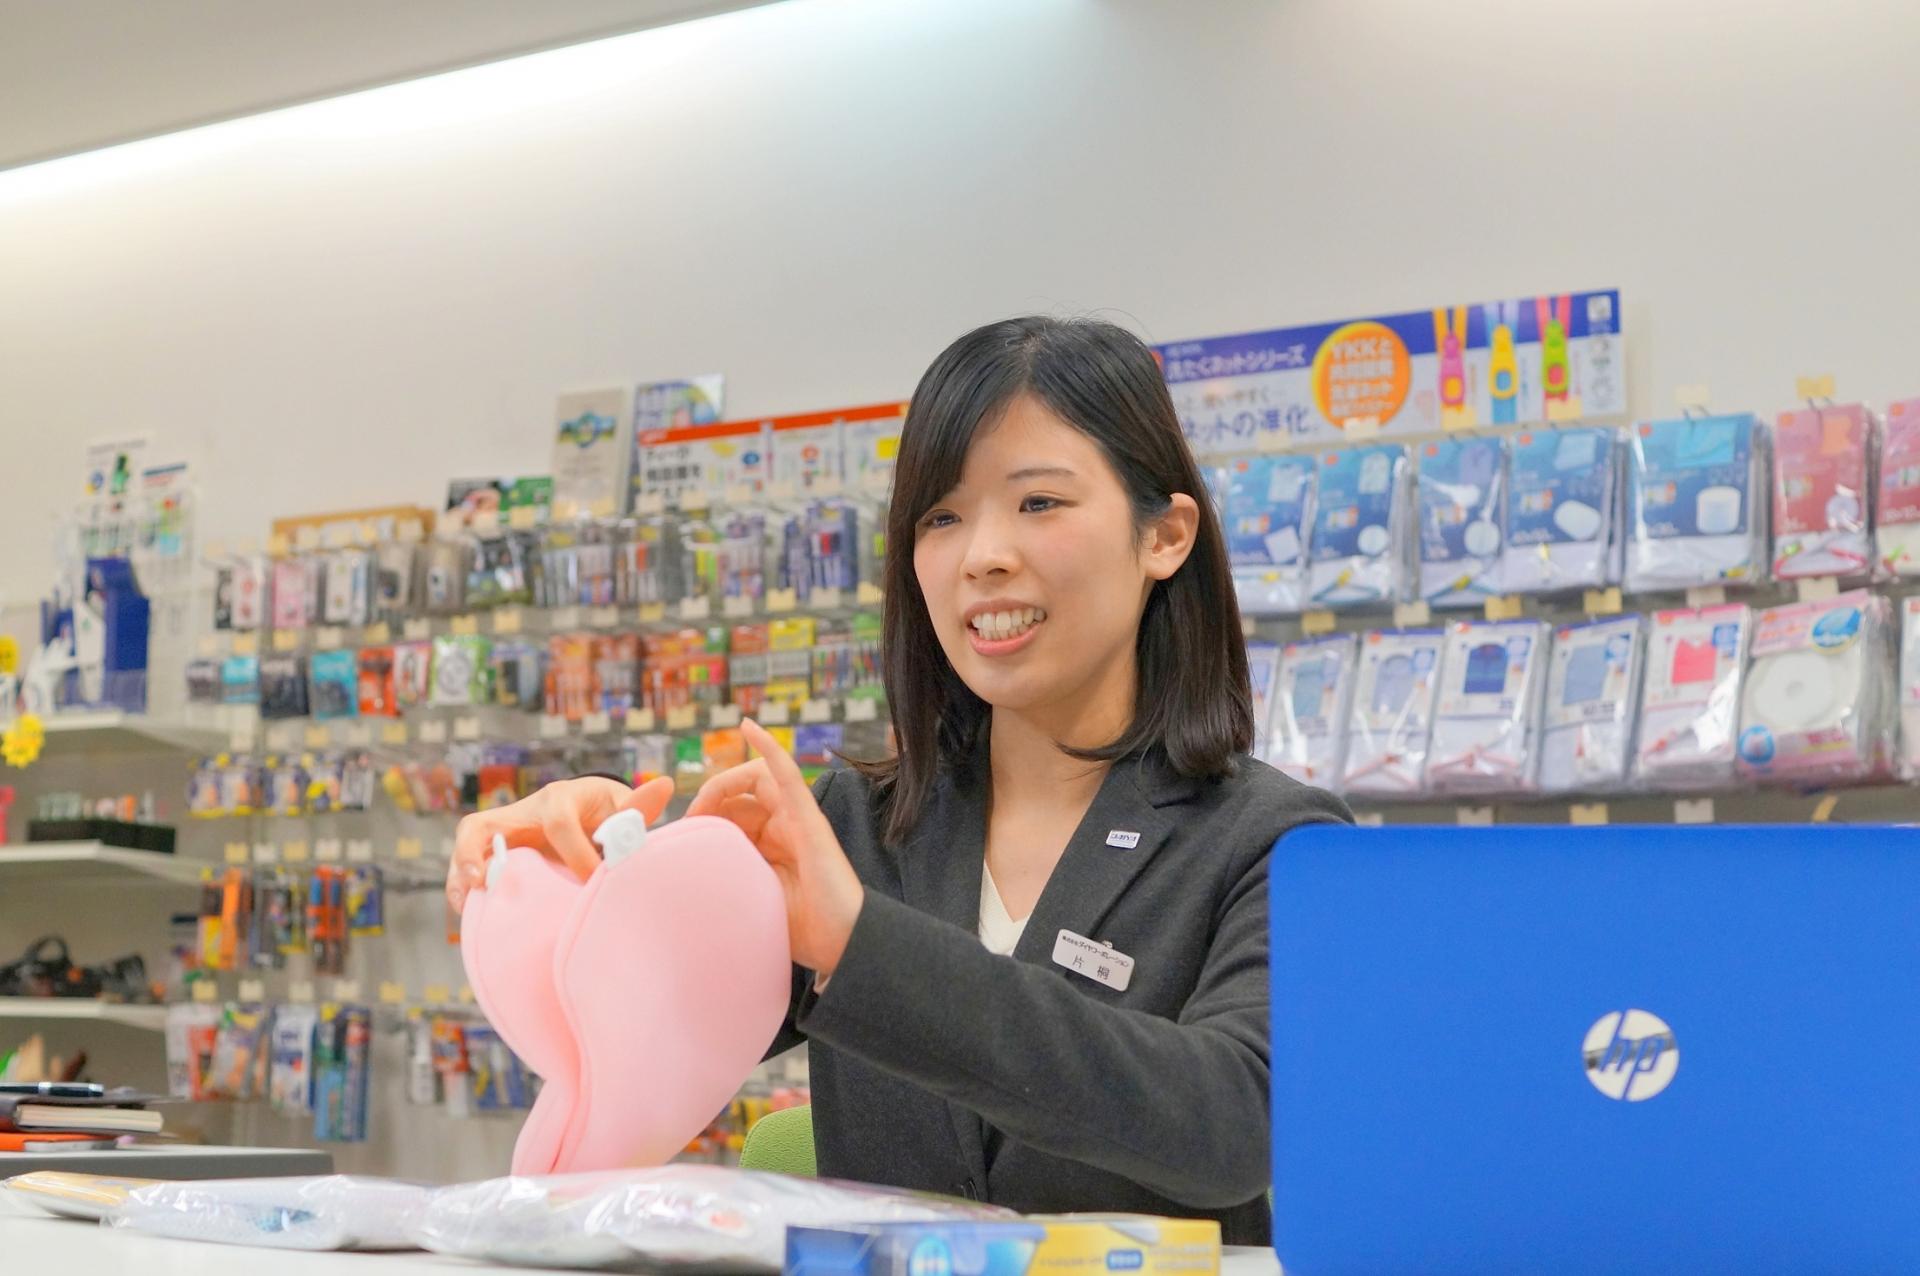 ロングセラー商品も多く、数多くのお客様の手元に商品を届けてください